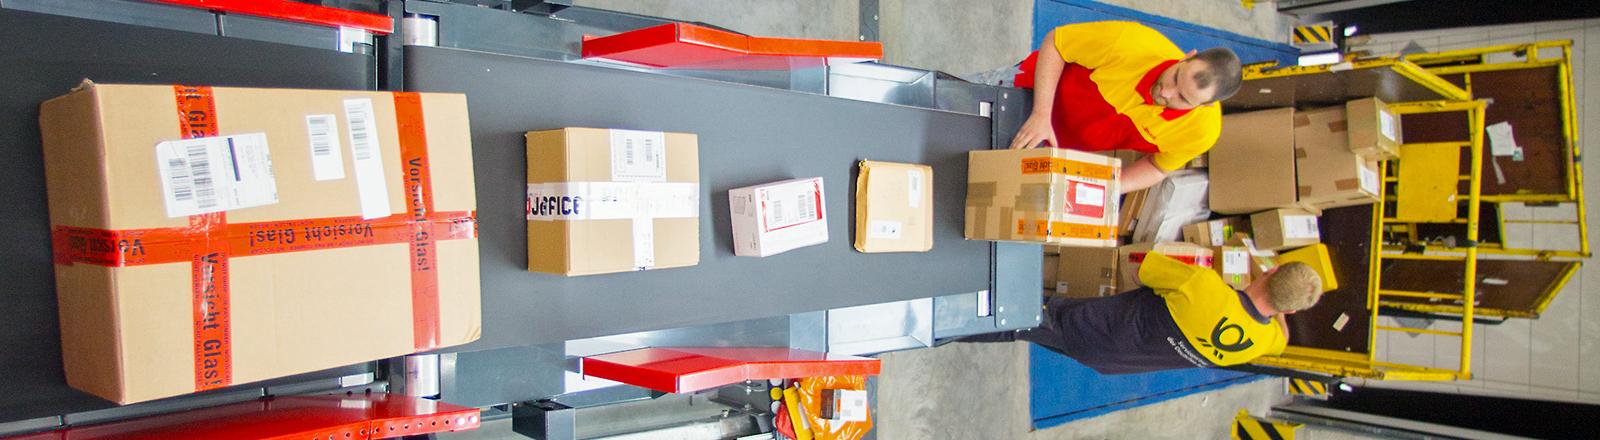 Mitarbeiter des Unternehmens Deutsche Post DHL stellen am 03.07.2013 Pakete auf ein Förderband in der neu eröffneten mechanischen Zustellbasis Berlin.